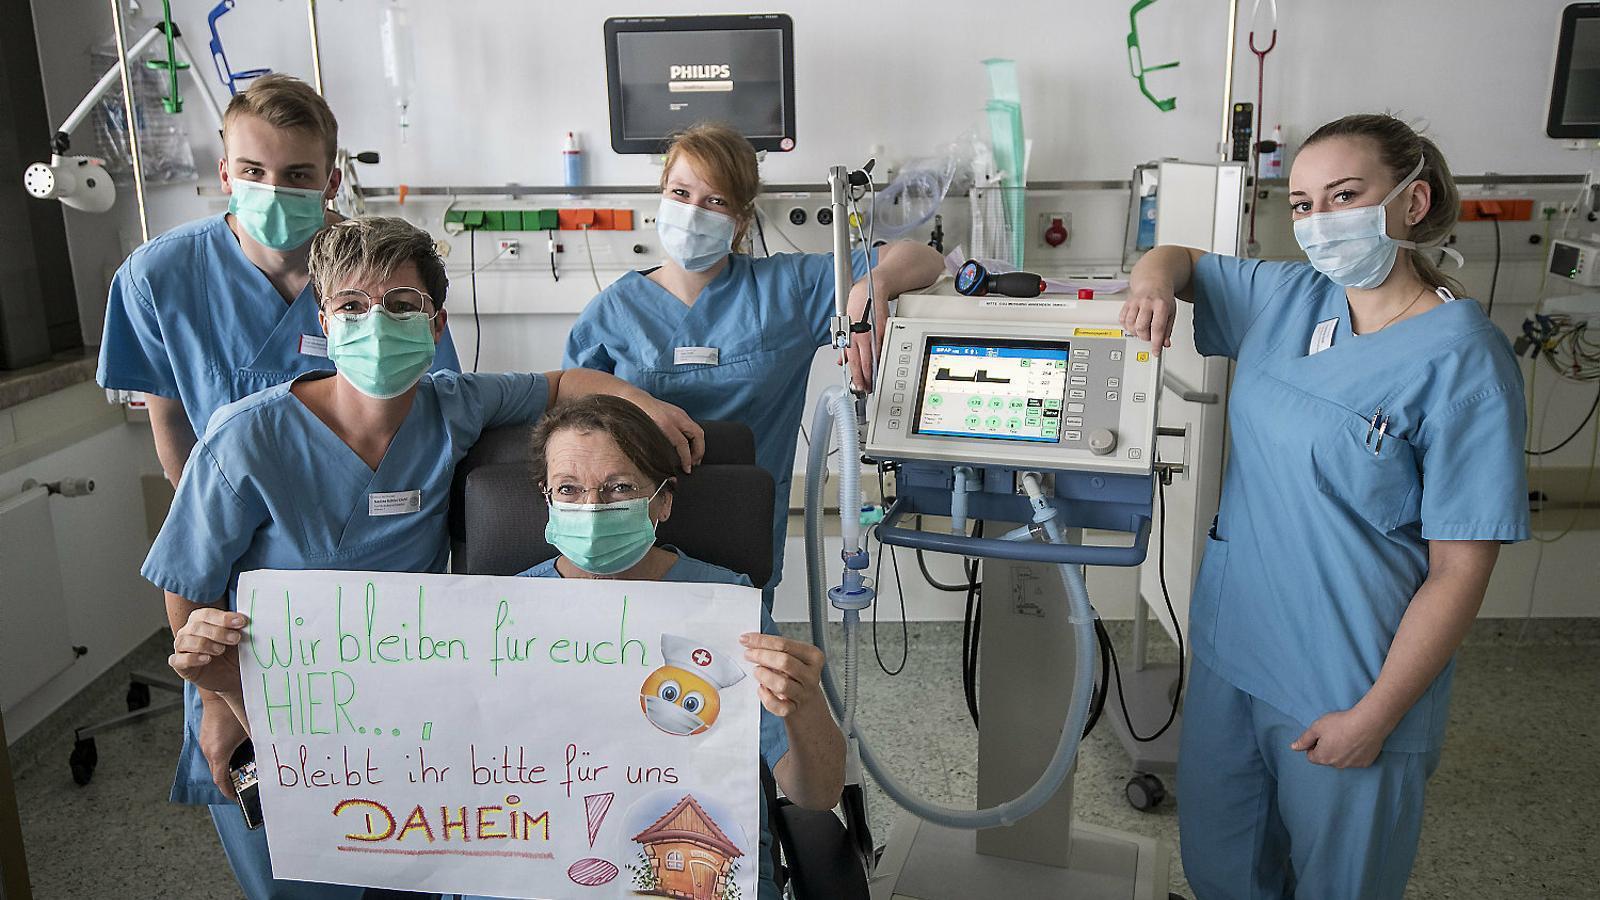 Alemanya: tants contagis com a Espanya però només 67 morts